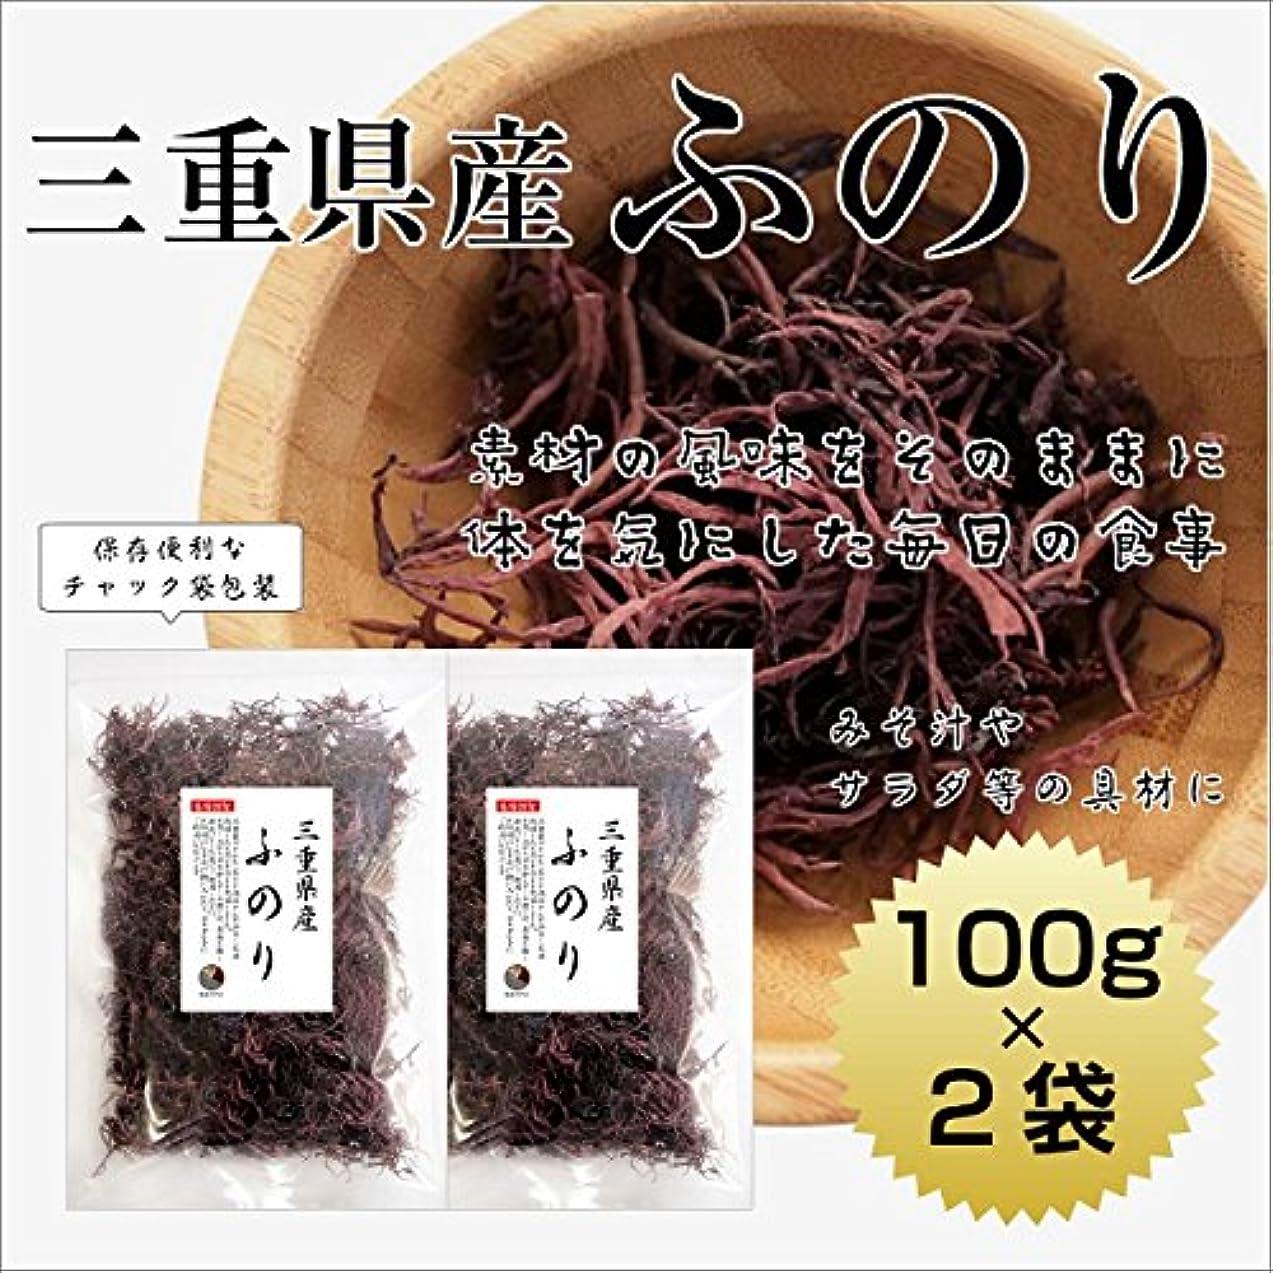 扇動する粘性のマイナスふのり(三重県産)100g×2袋 国産 三重県 ふのり 海藻